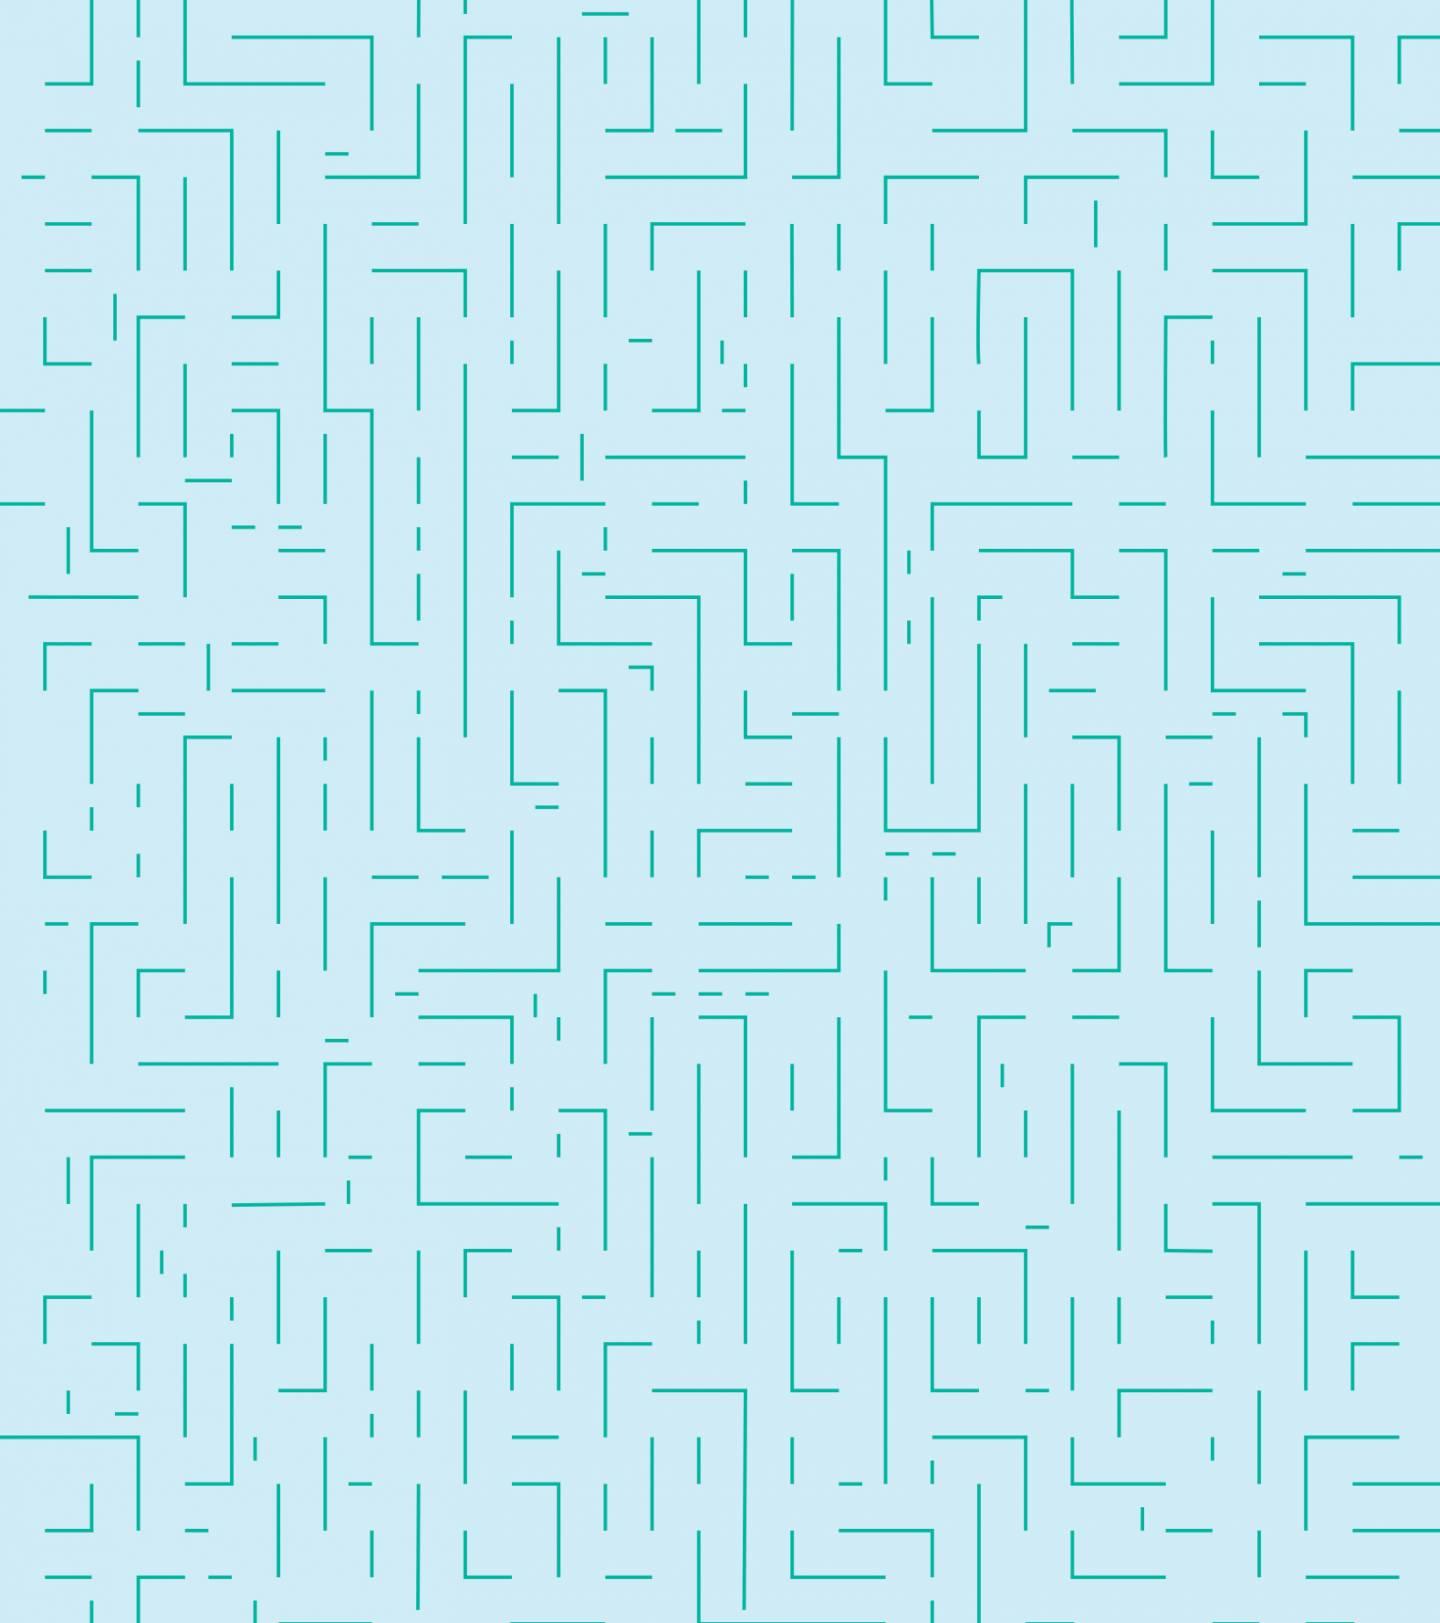 Afbeelding van het gebruikte patroon in de huisstijl van de Digitale Week